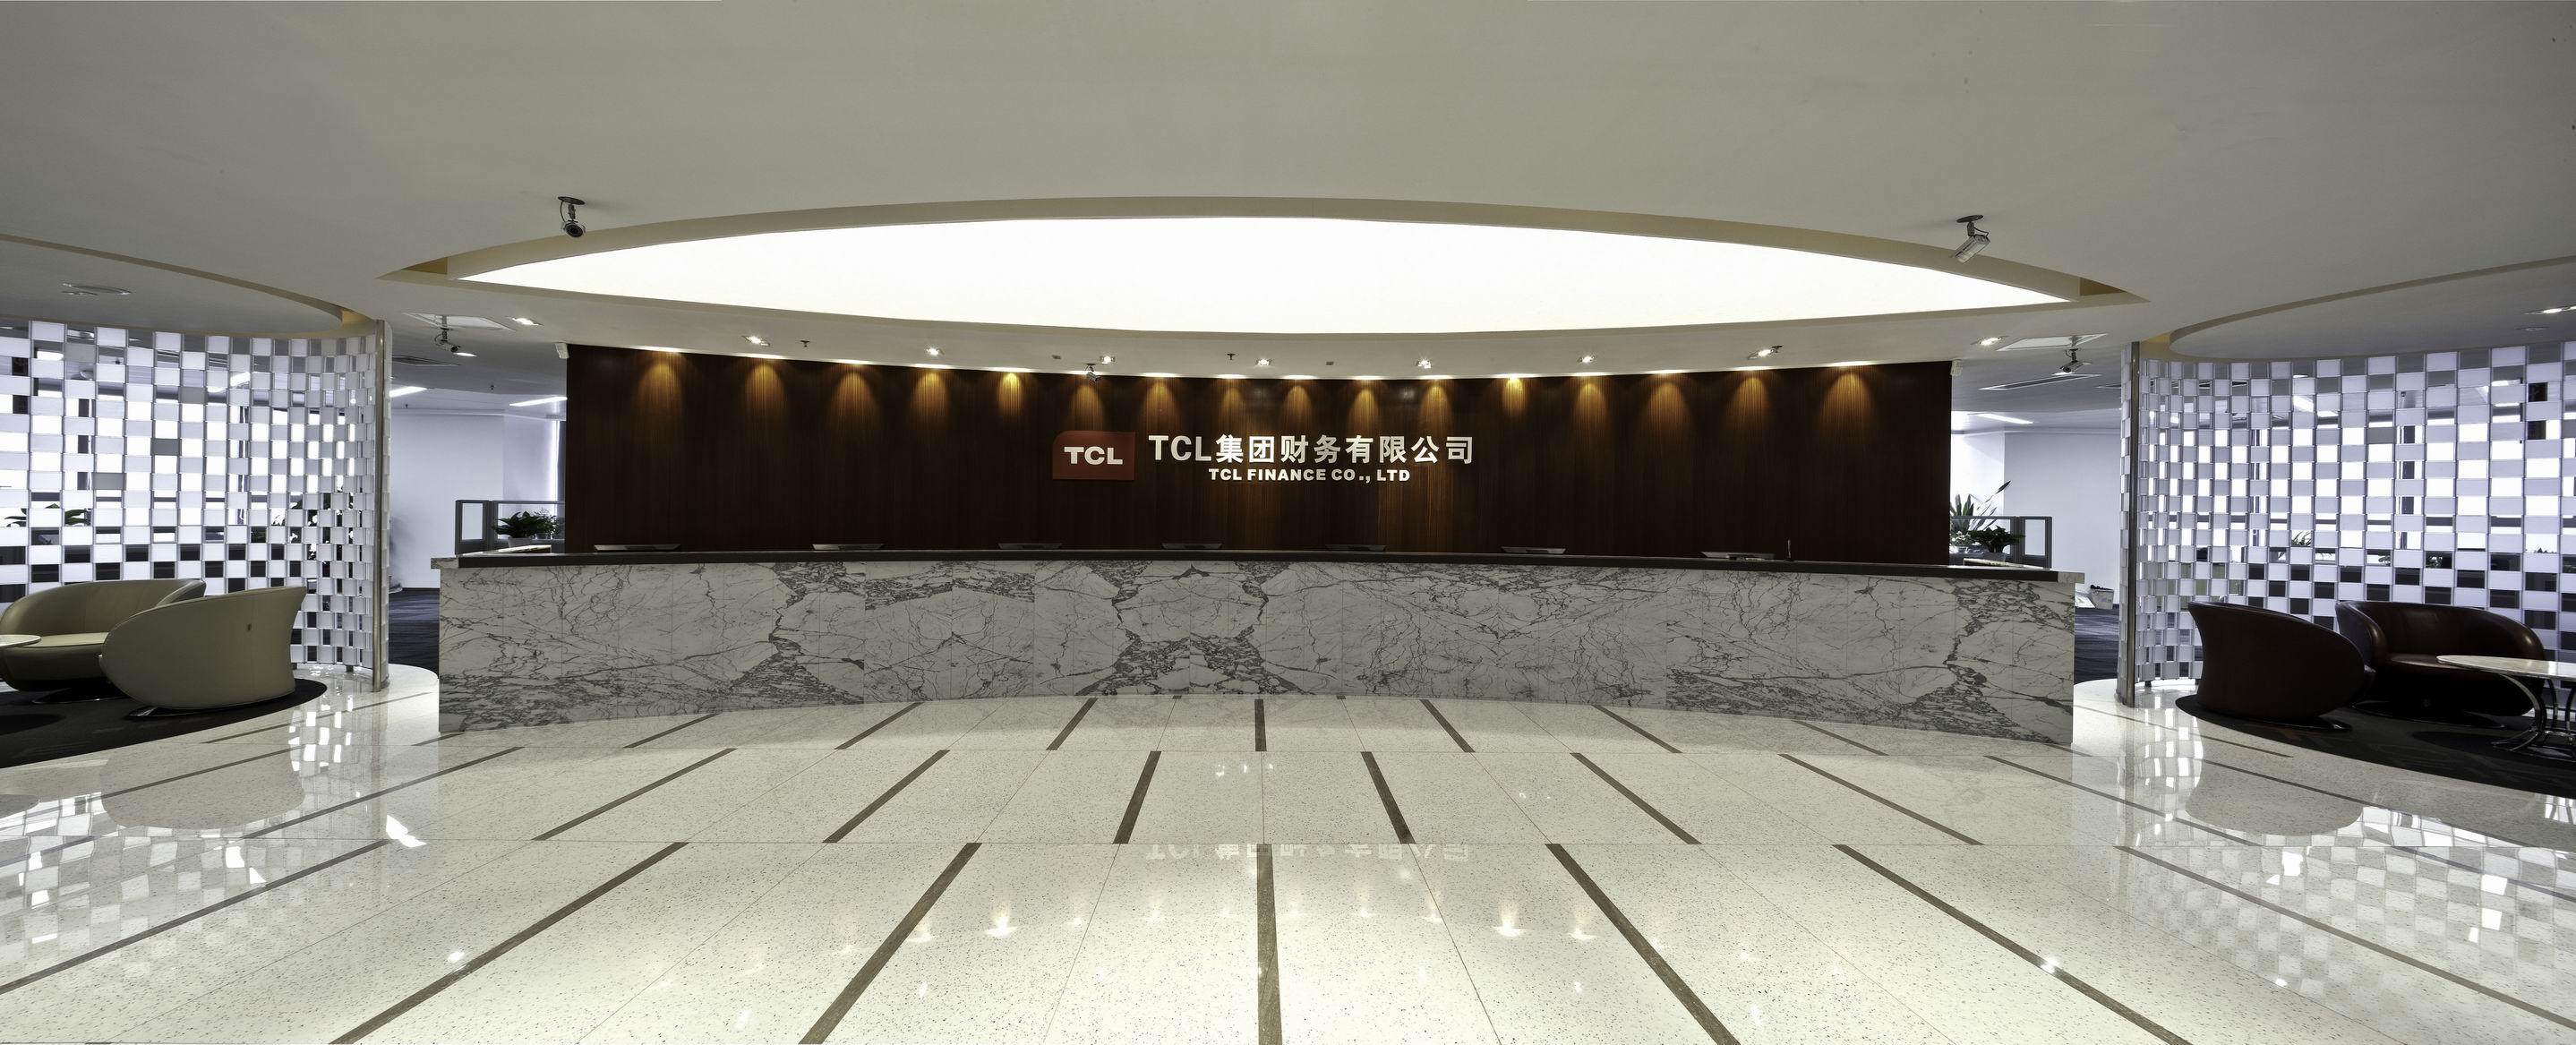 TCL集团办公室